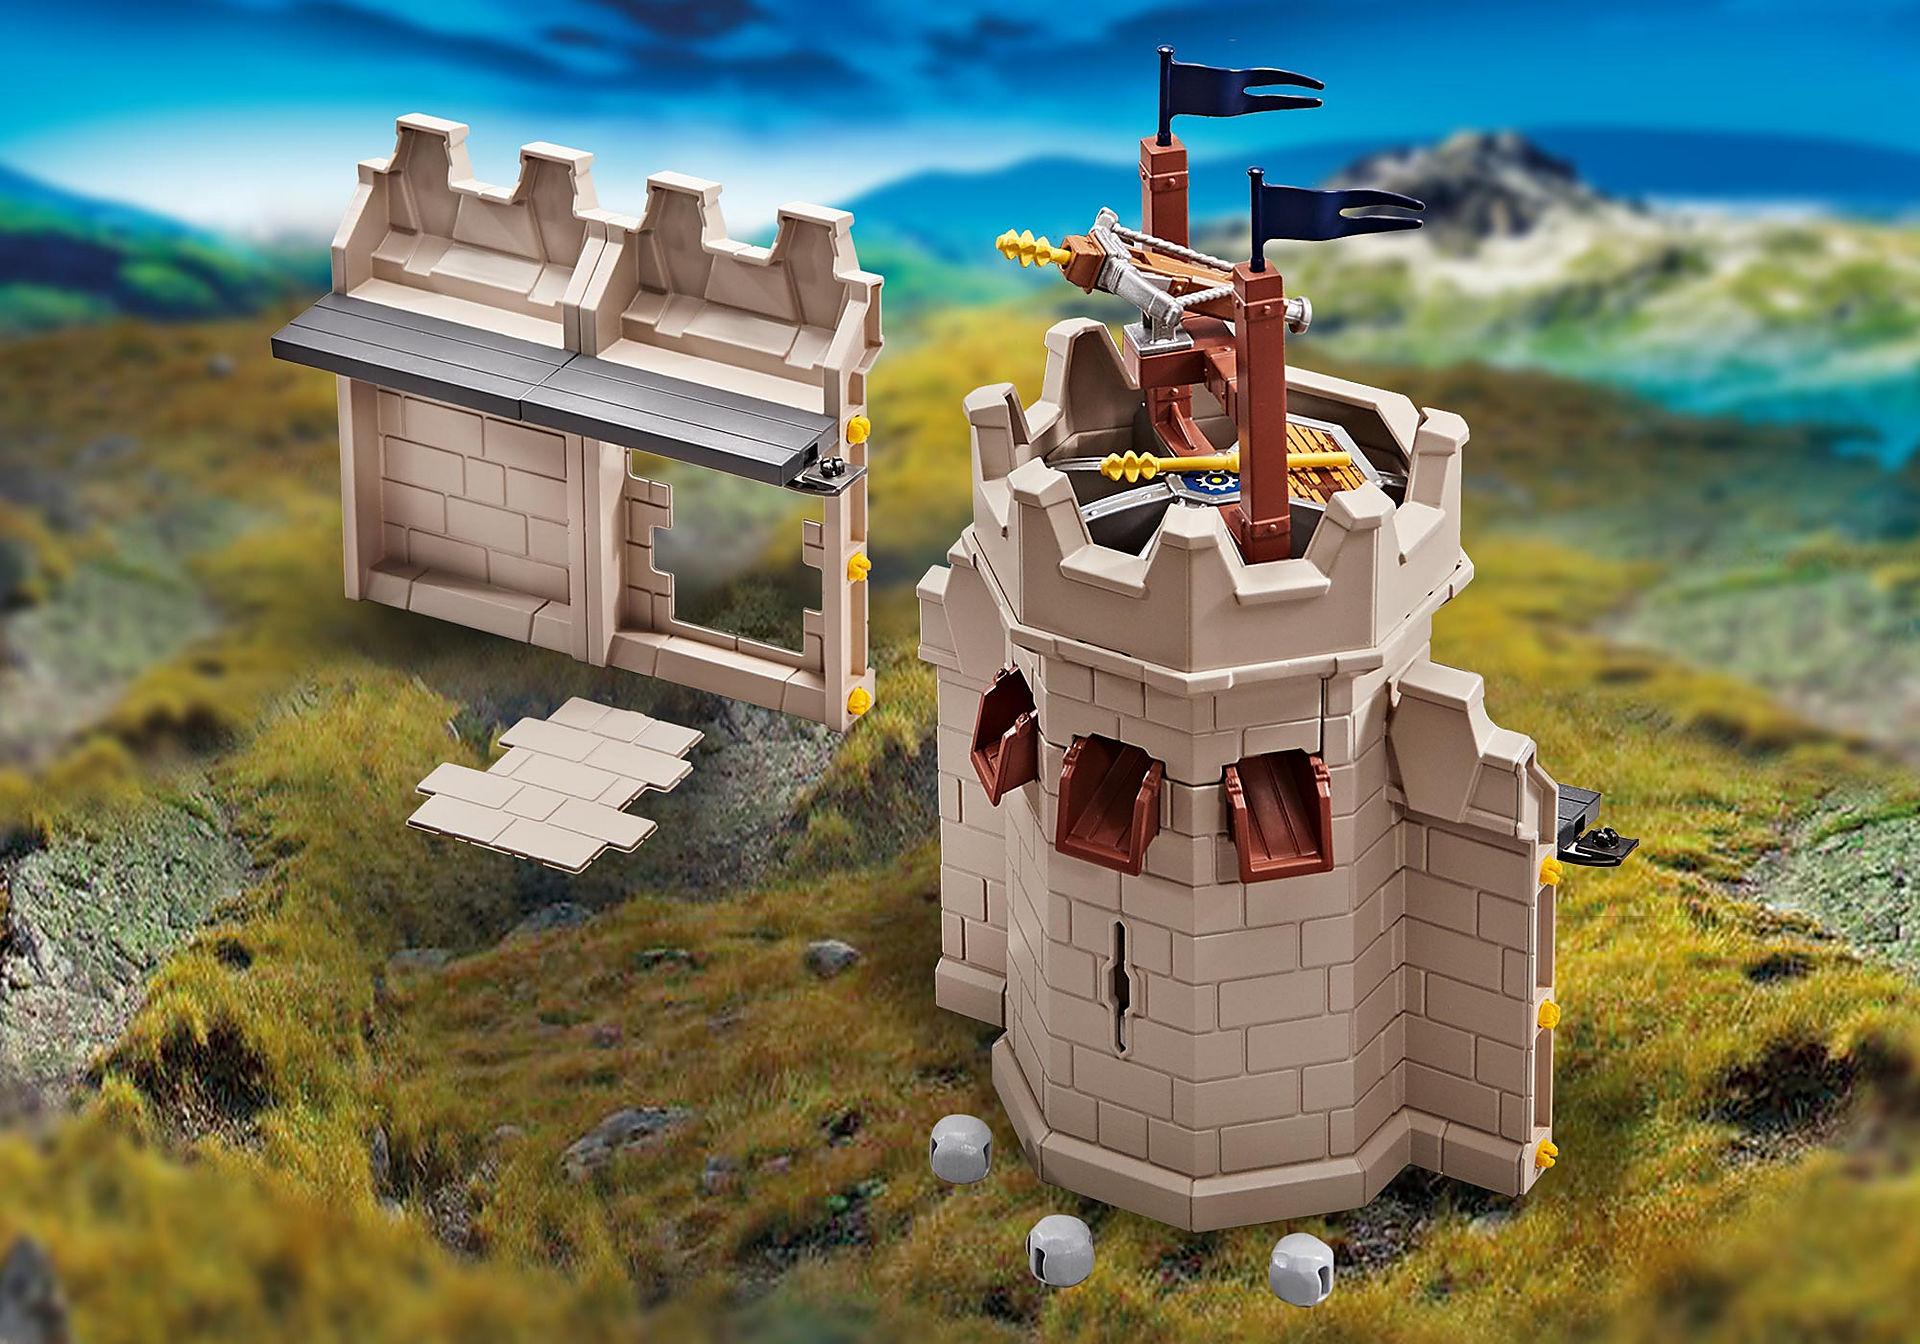 http://media.playmobil.com/i/playmobil/9840_product_detail/Uitbreiding toren voor de Grote burcht van de Novelmore ridders